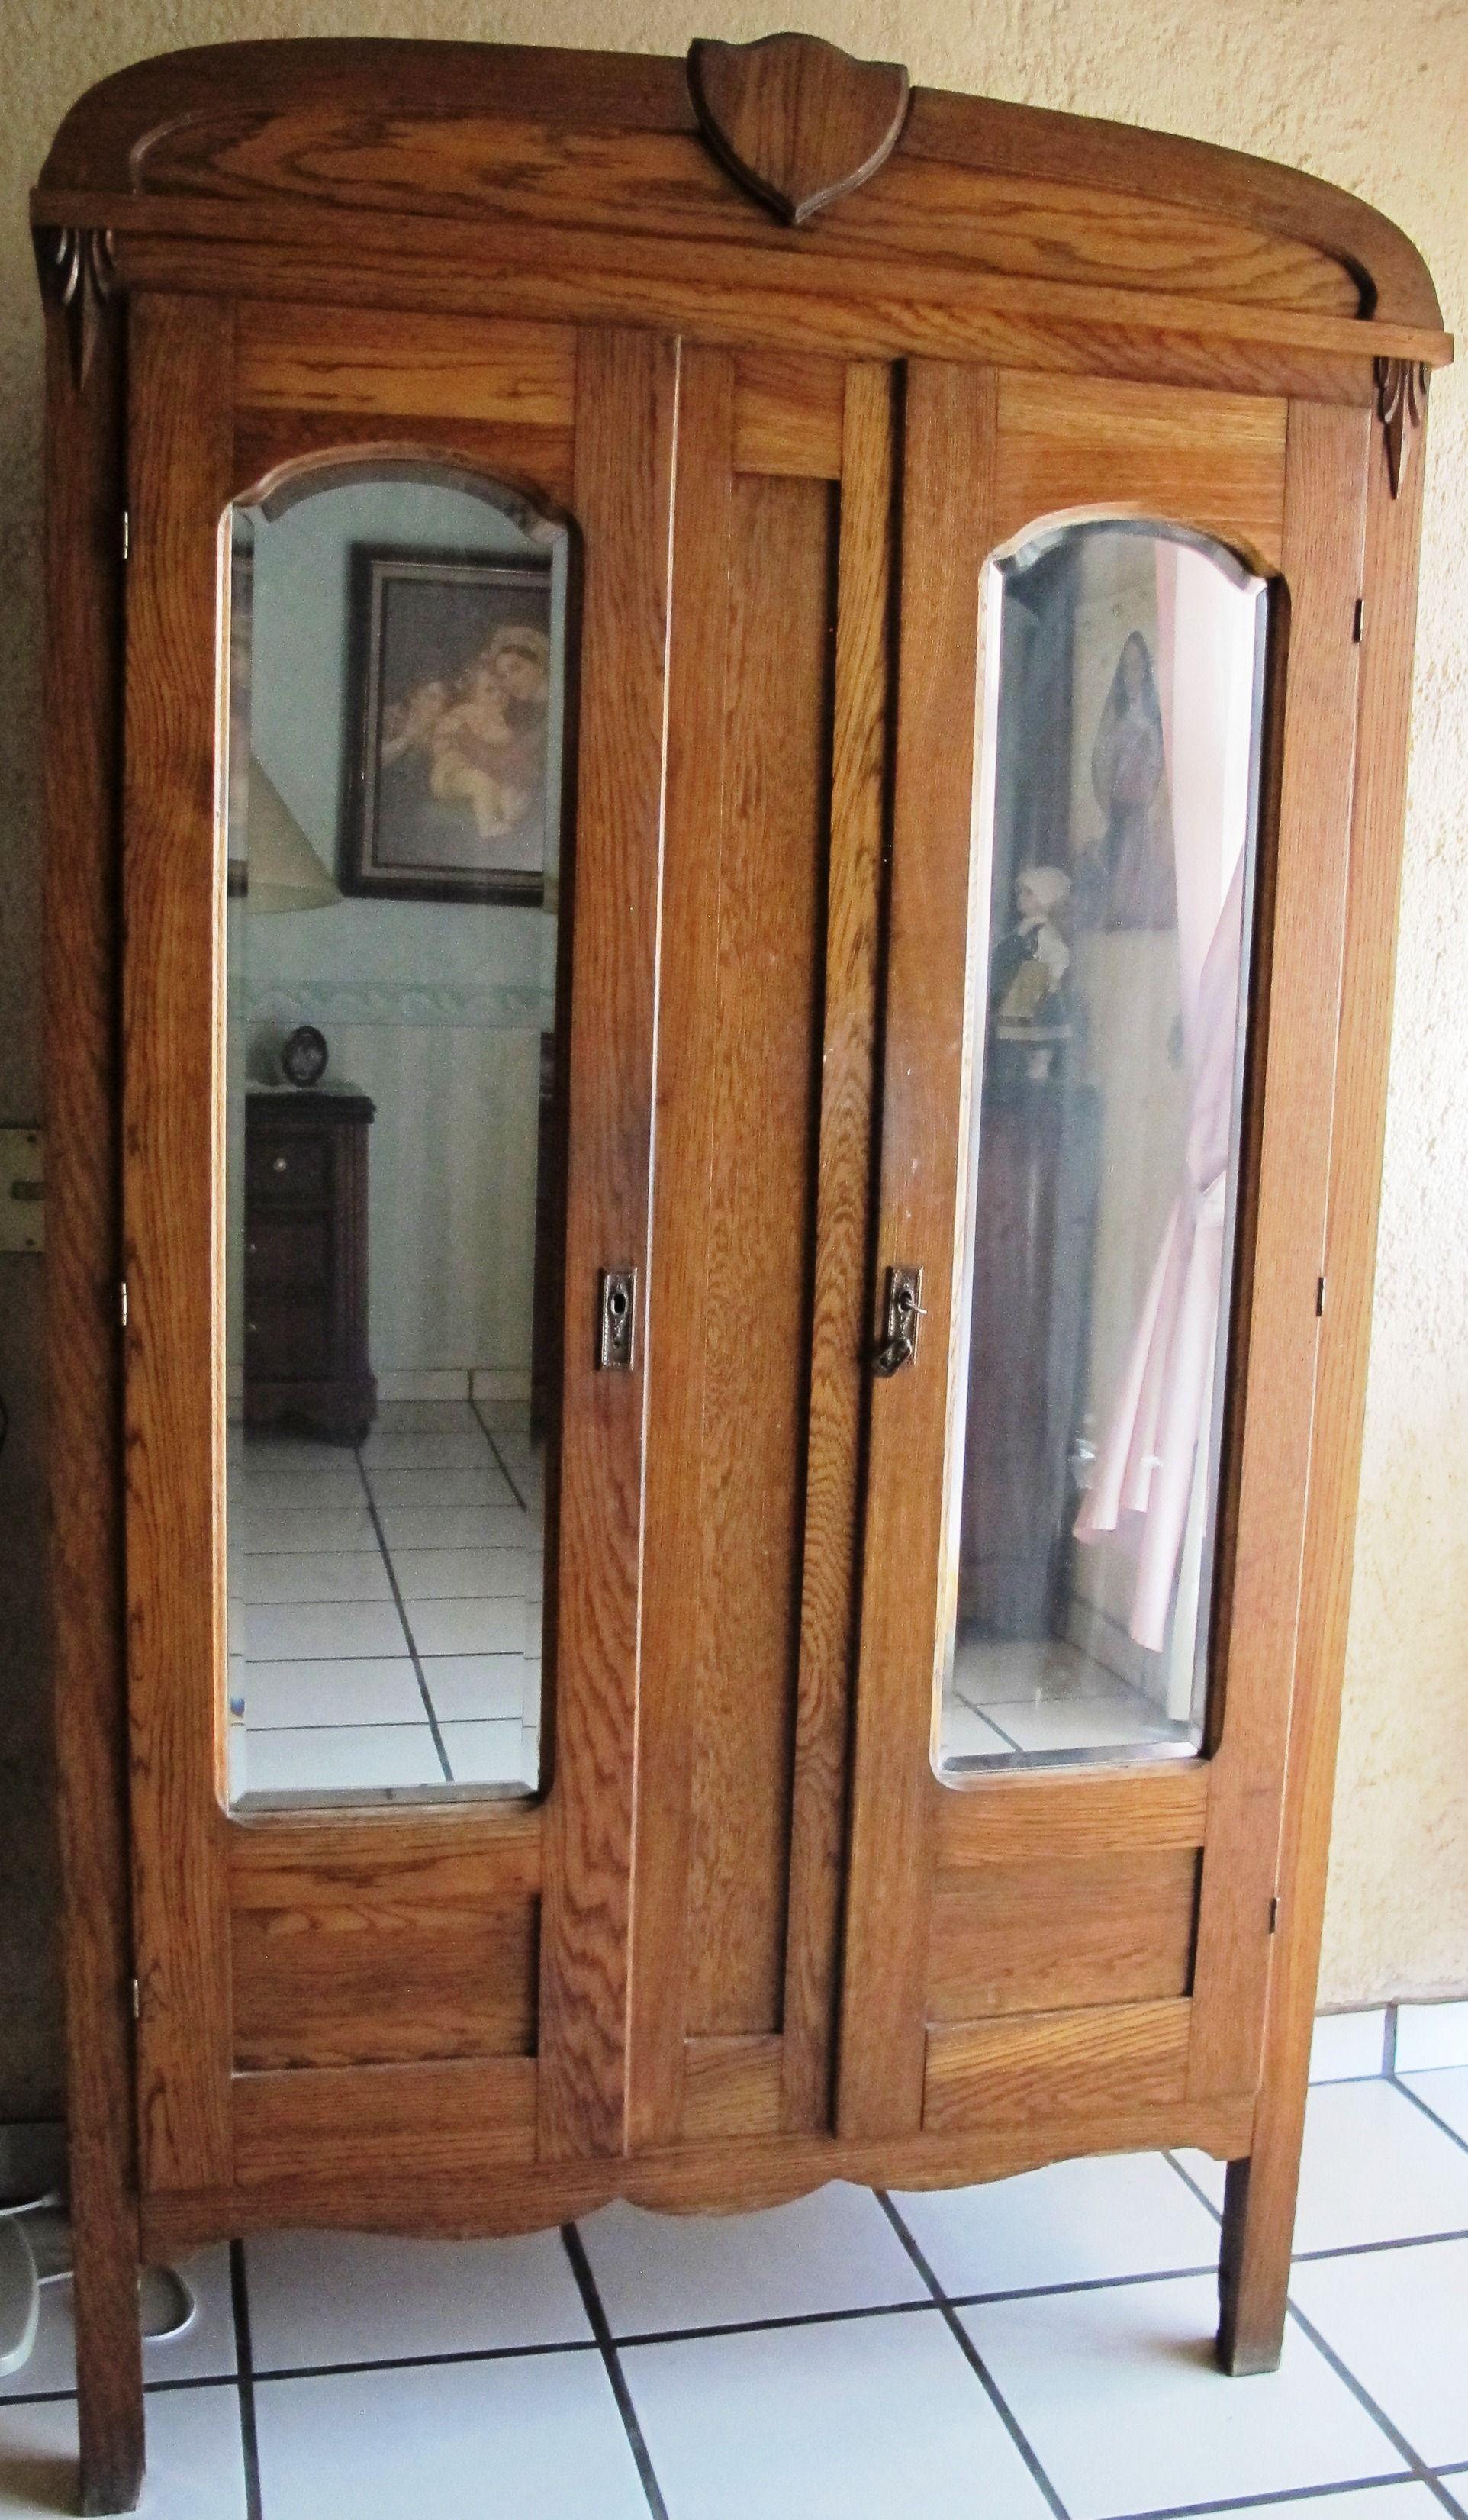 Ropero antiguo 15000 remodelaci n closet - Cajones de madera antiguos ...